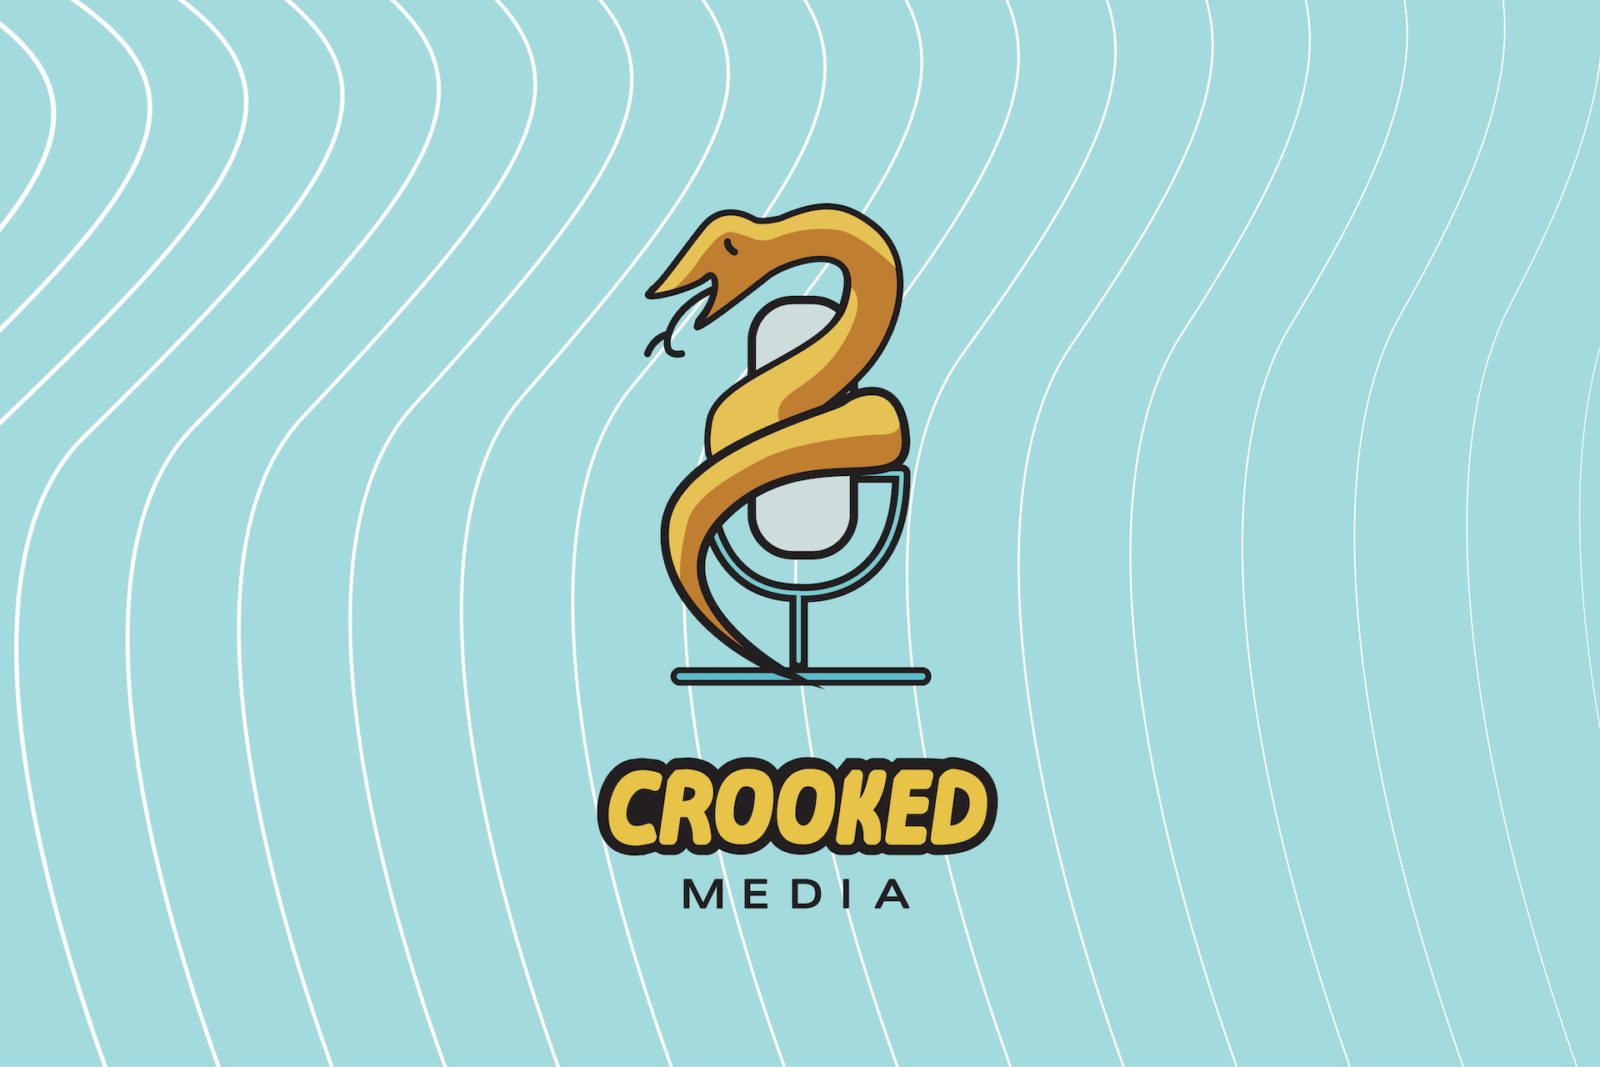 Crooked Media